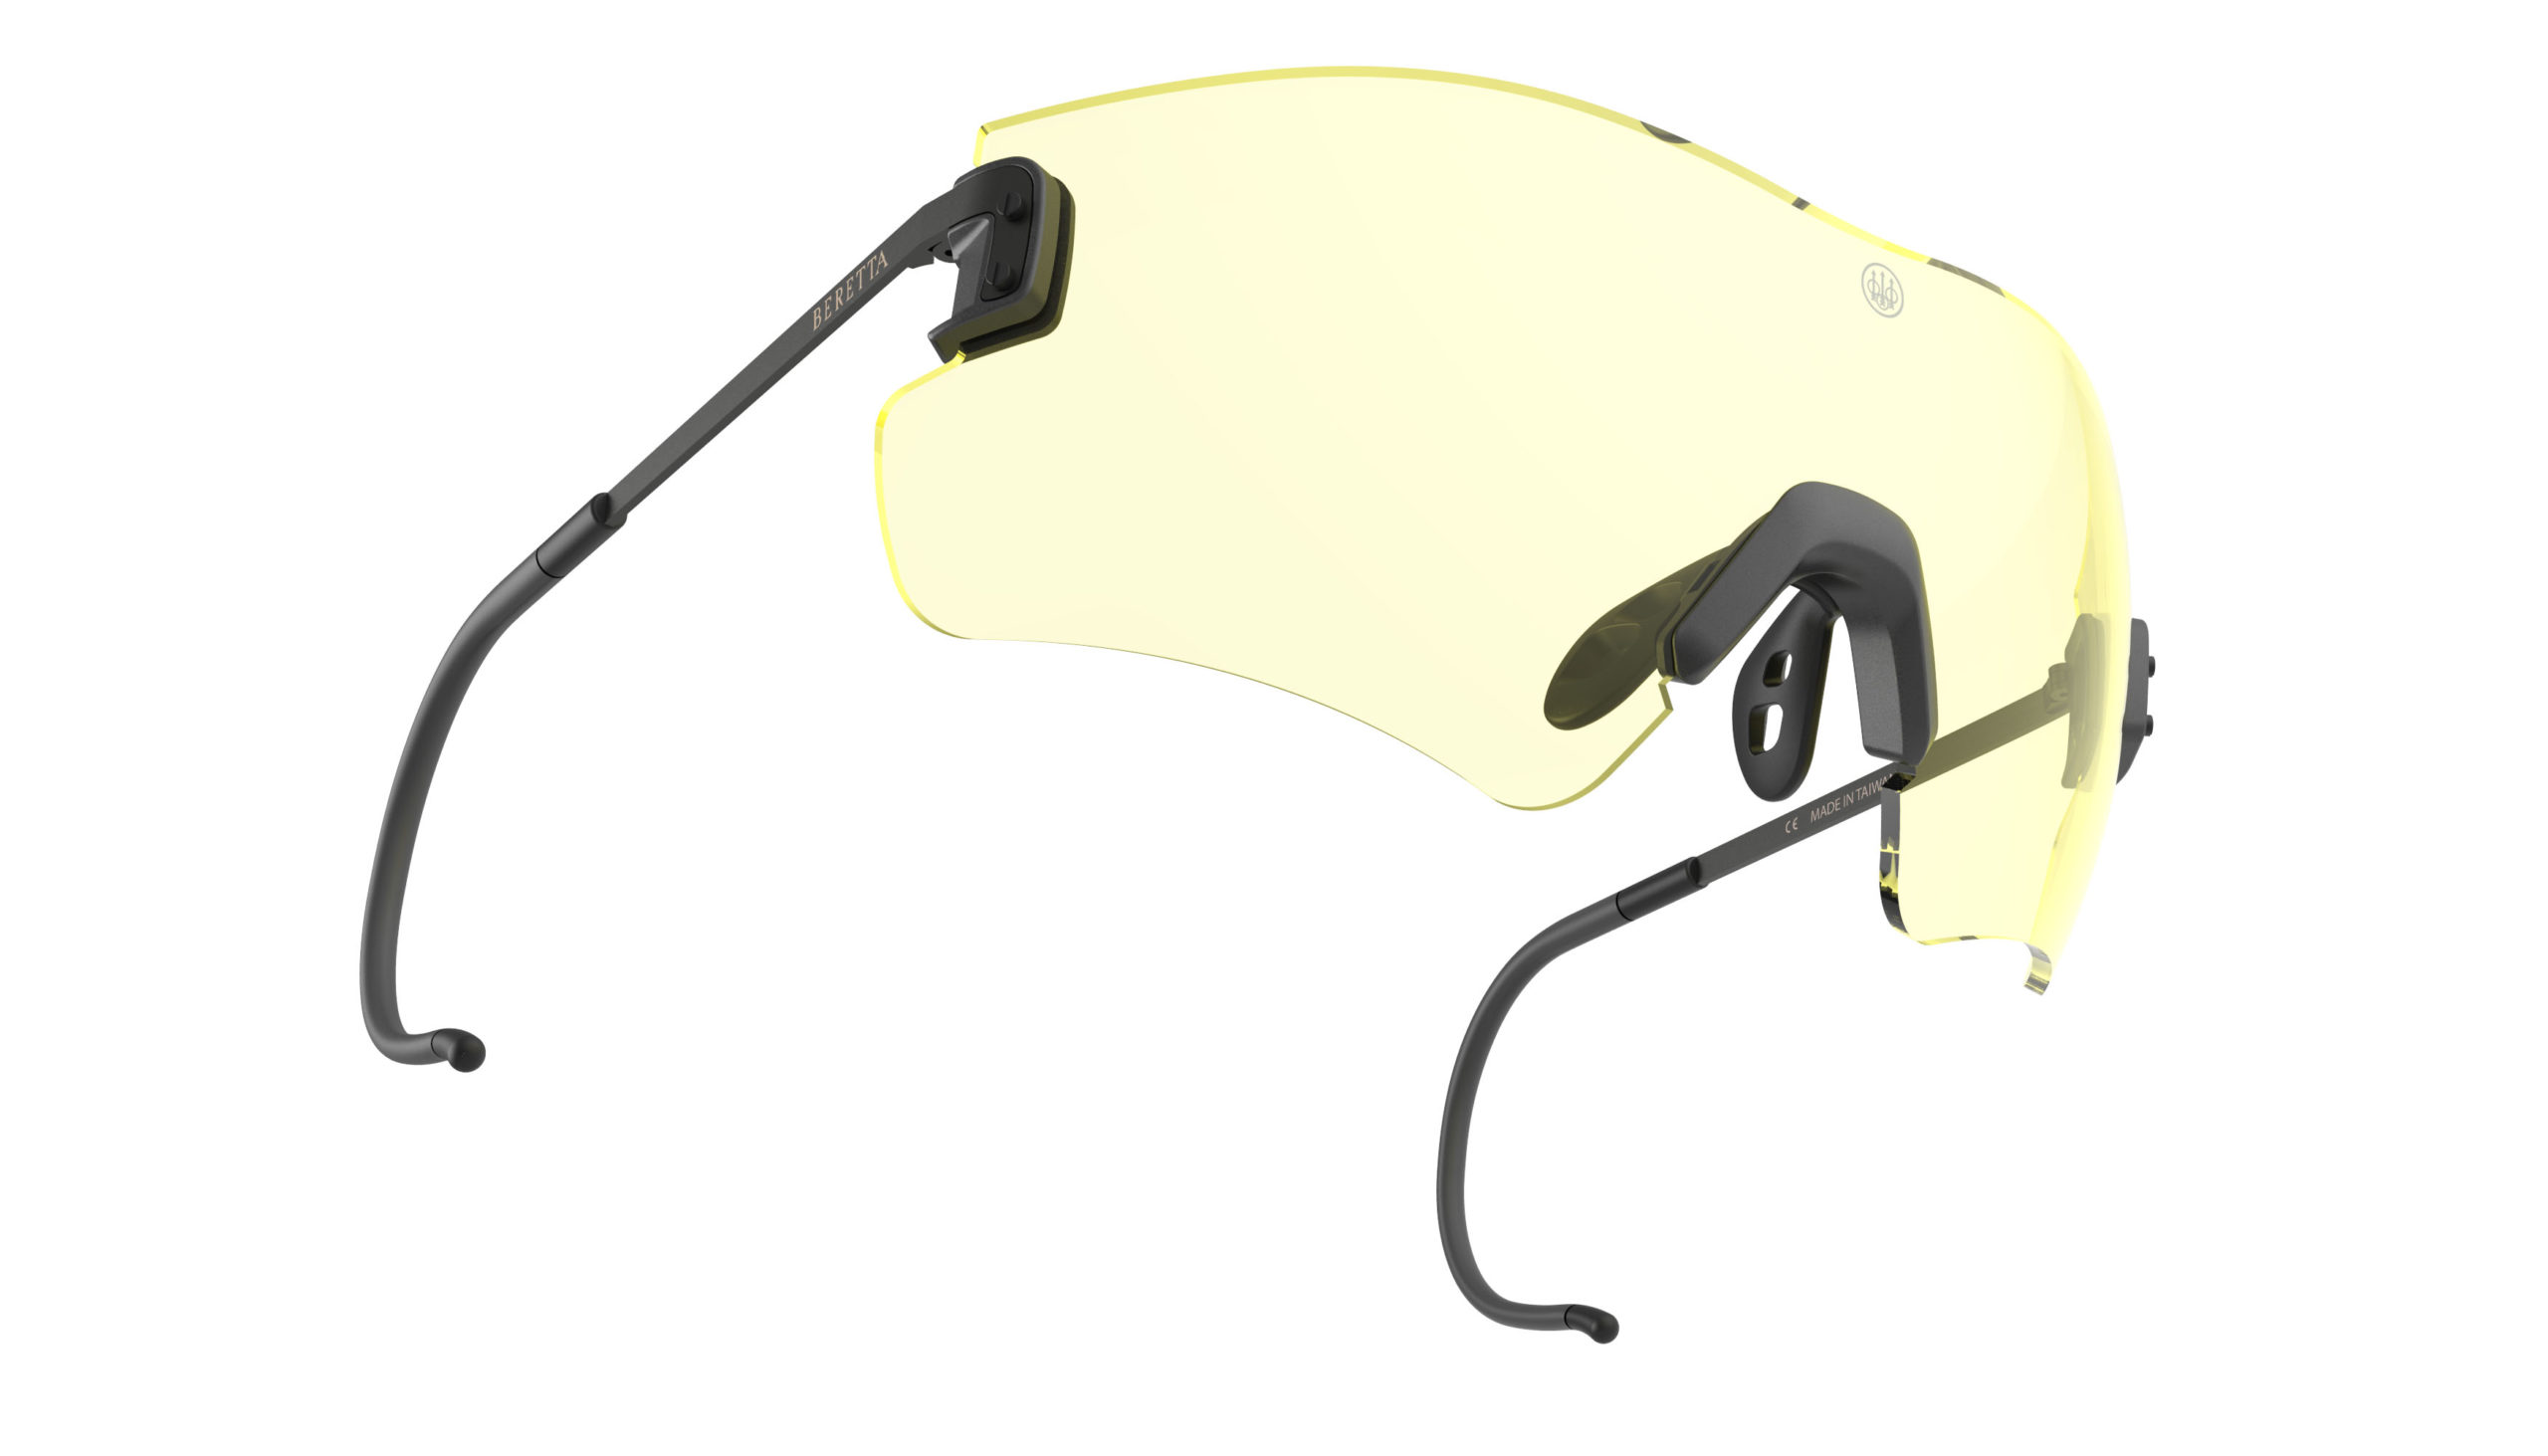 Beretta Schießbrille